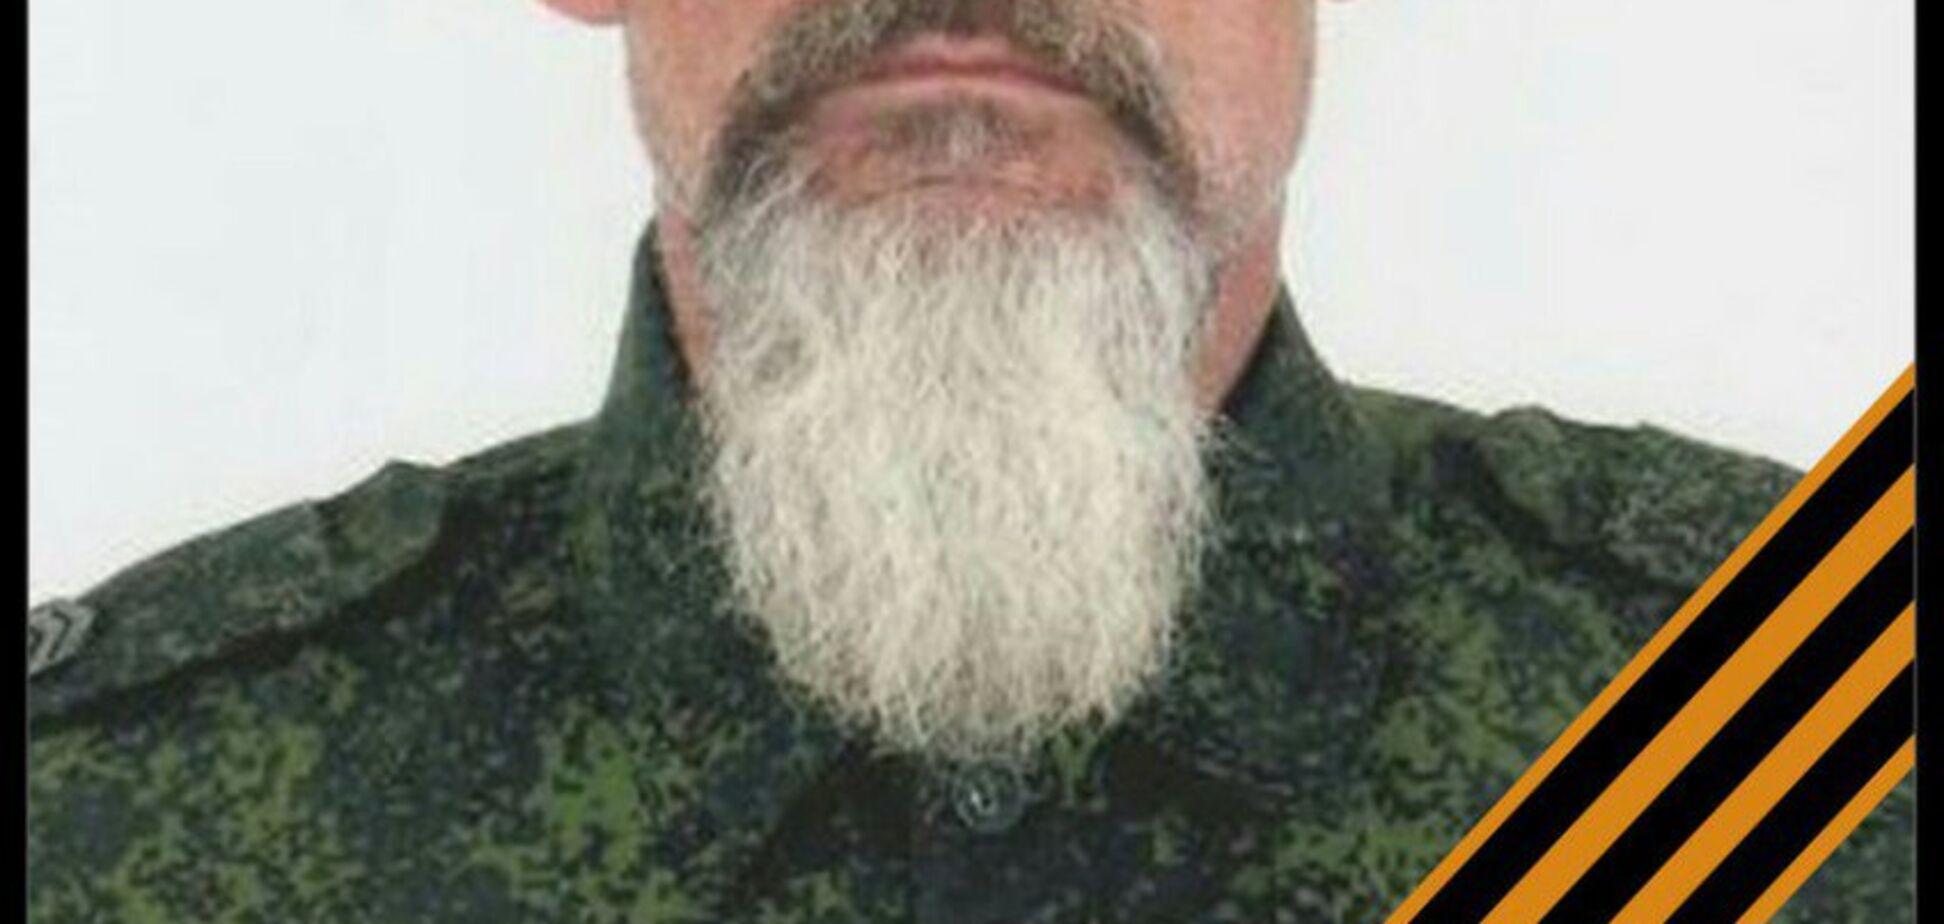 Минус 'Семеныч': в сети показали очередного ликвидированного террориста 'Л/ДНР'